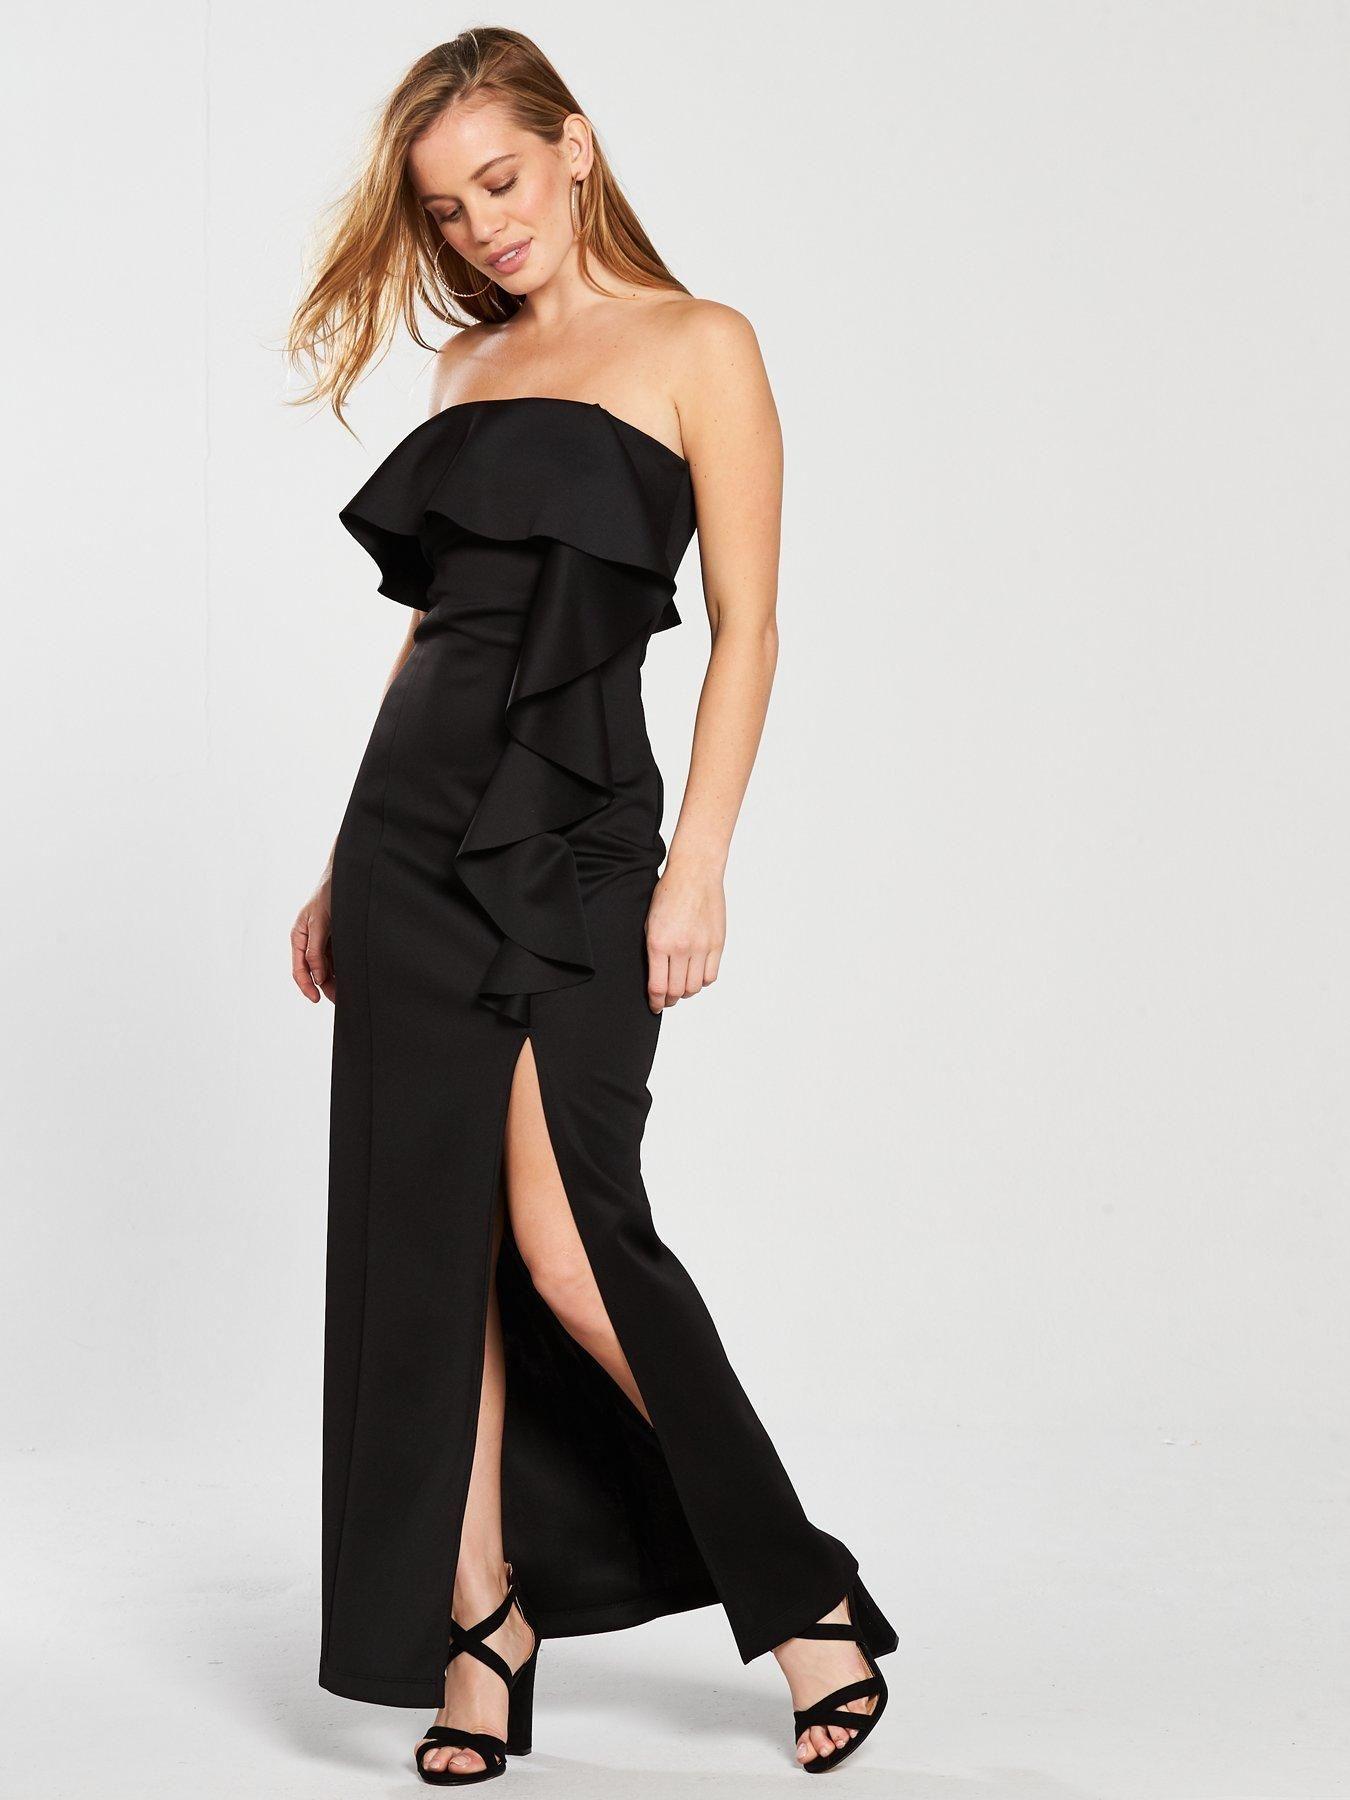 Miss selfridge petite scuba ruffle maxi dress black in